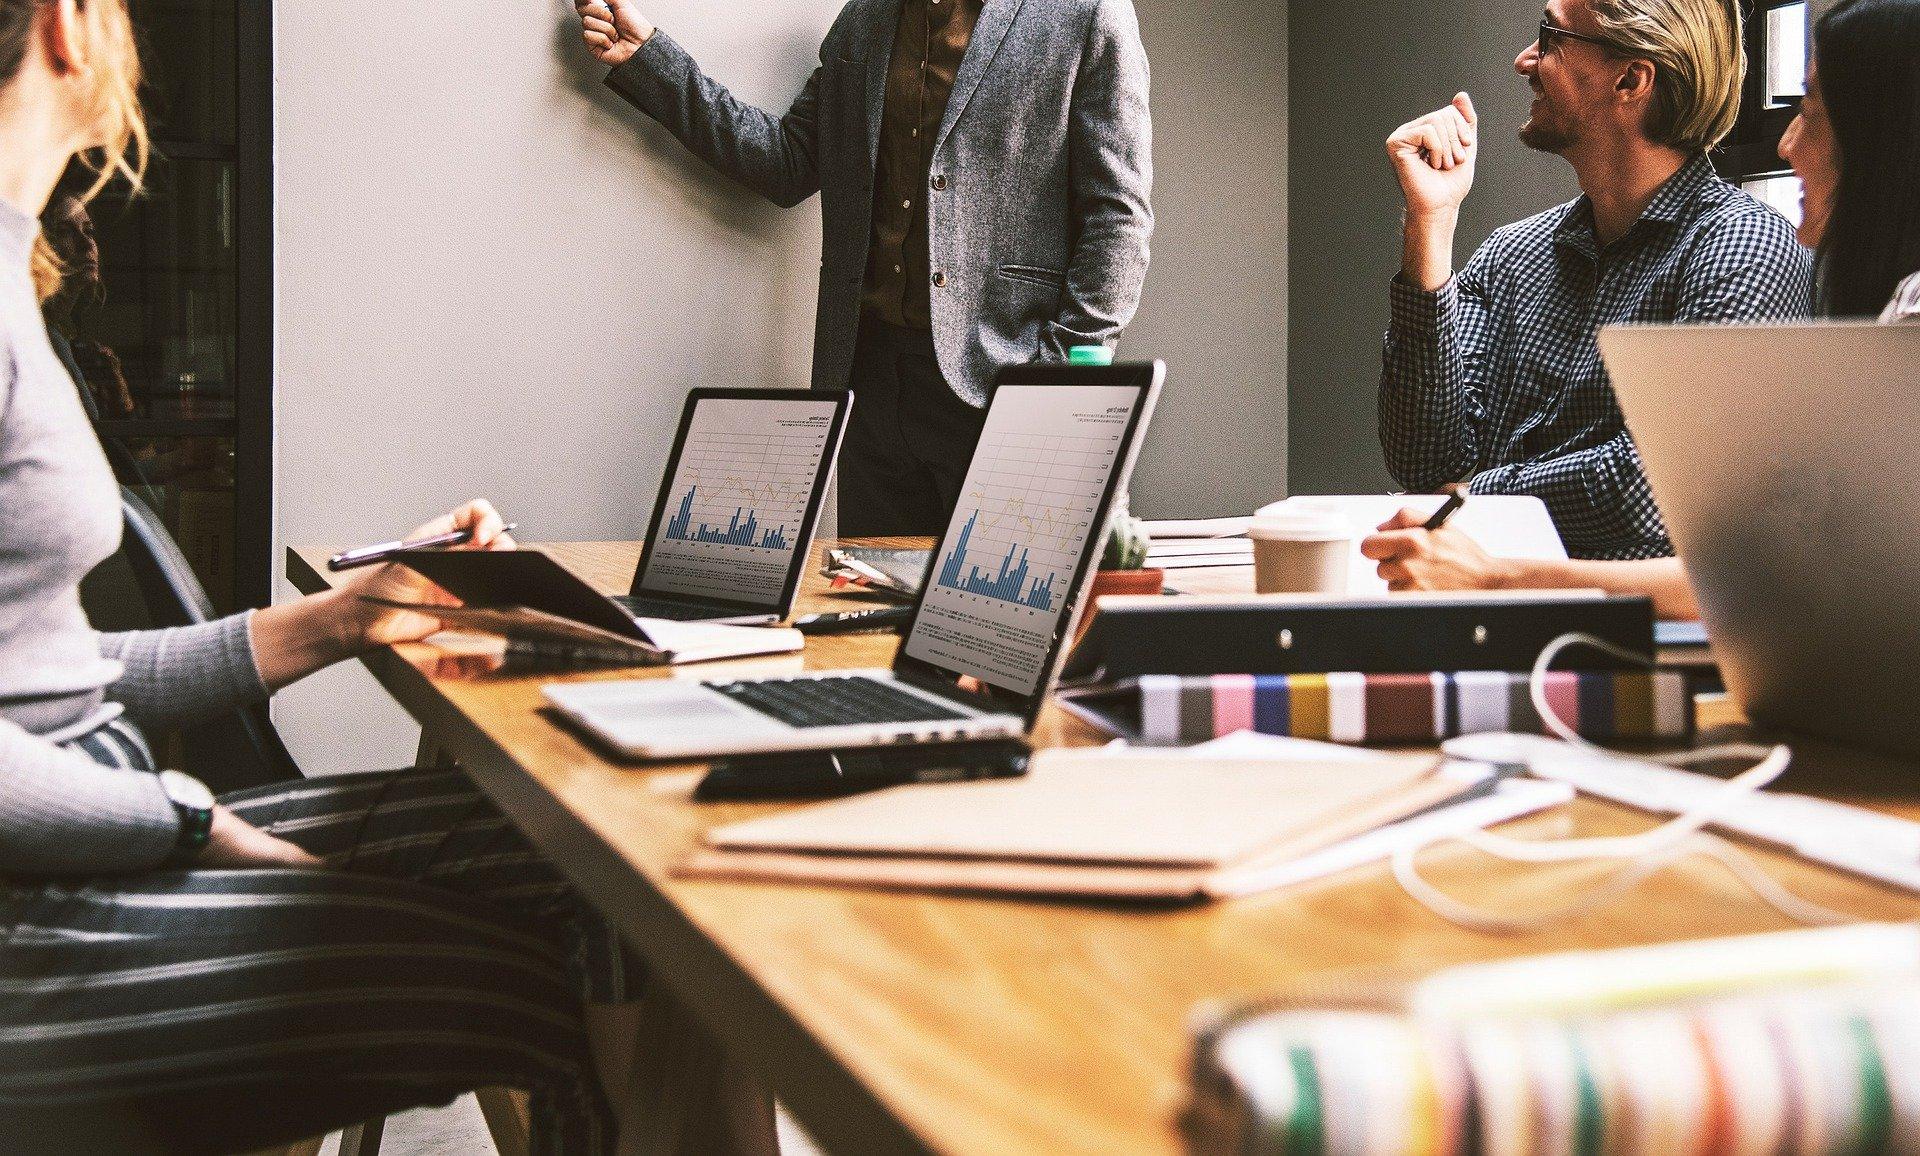 Des discriminations en majeure partie au moment de l'embauche en entreprise. (Crédit : Pixabay)